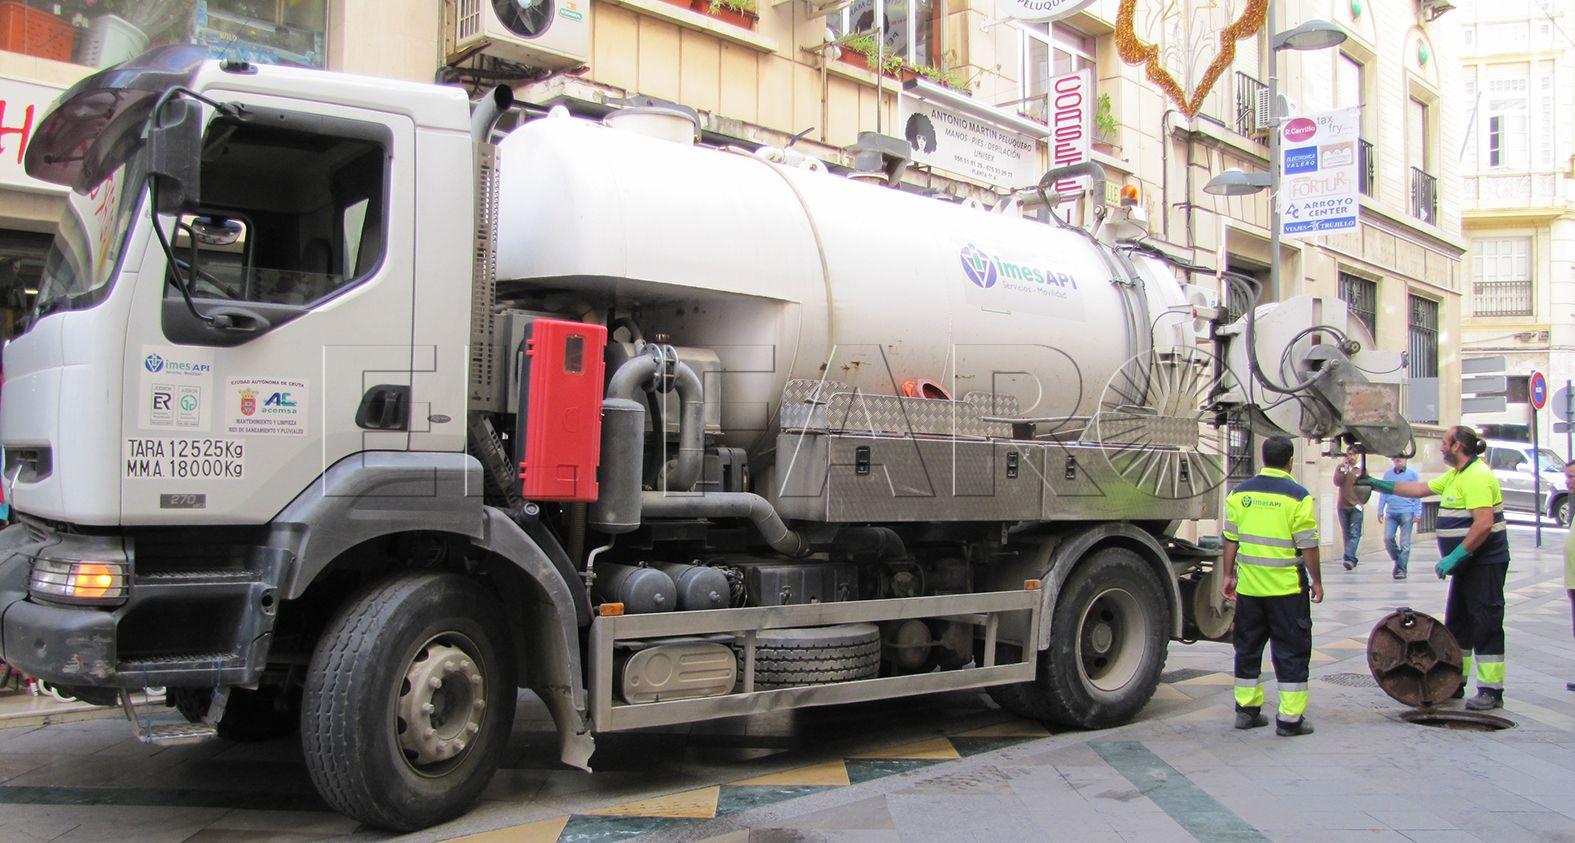 Doce empresas licitan para llevar el saneamiento público de Ceuta